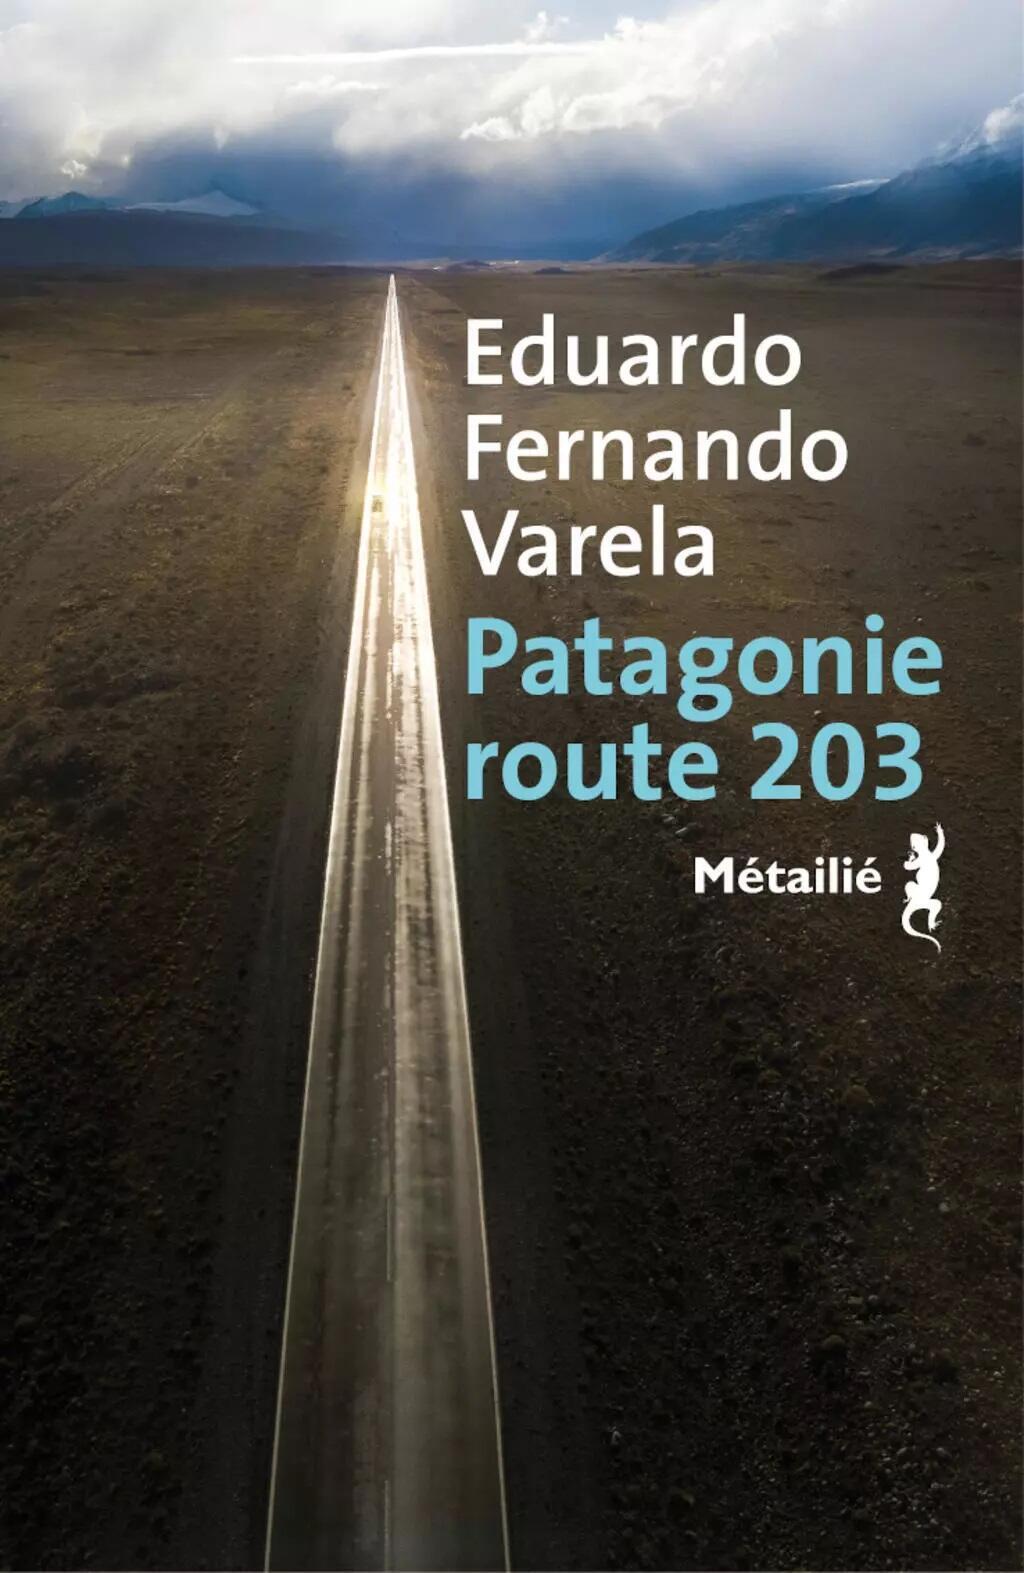 'La marca del viento' fue publicada en francés bajo el título 'Patagonie route 203'.